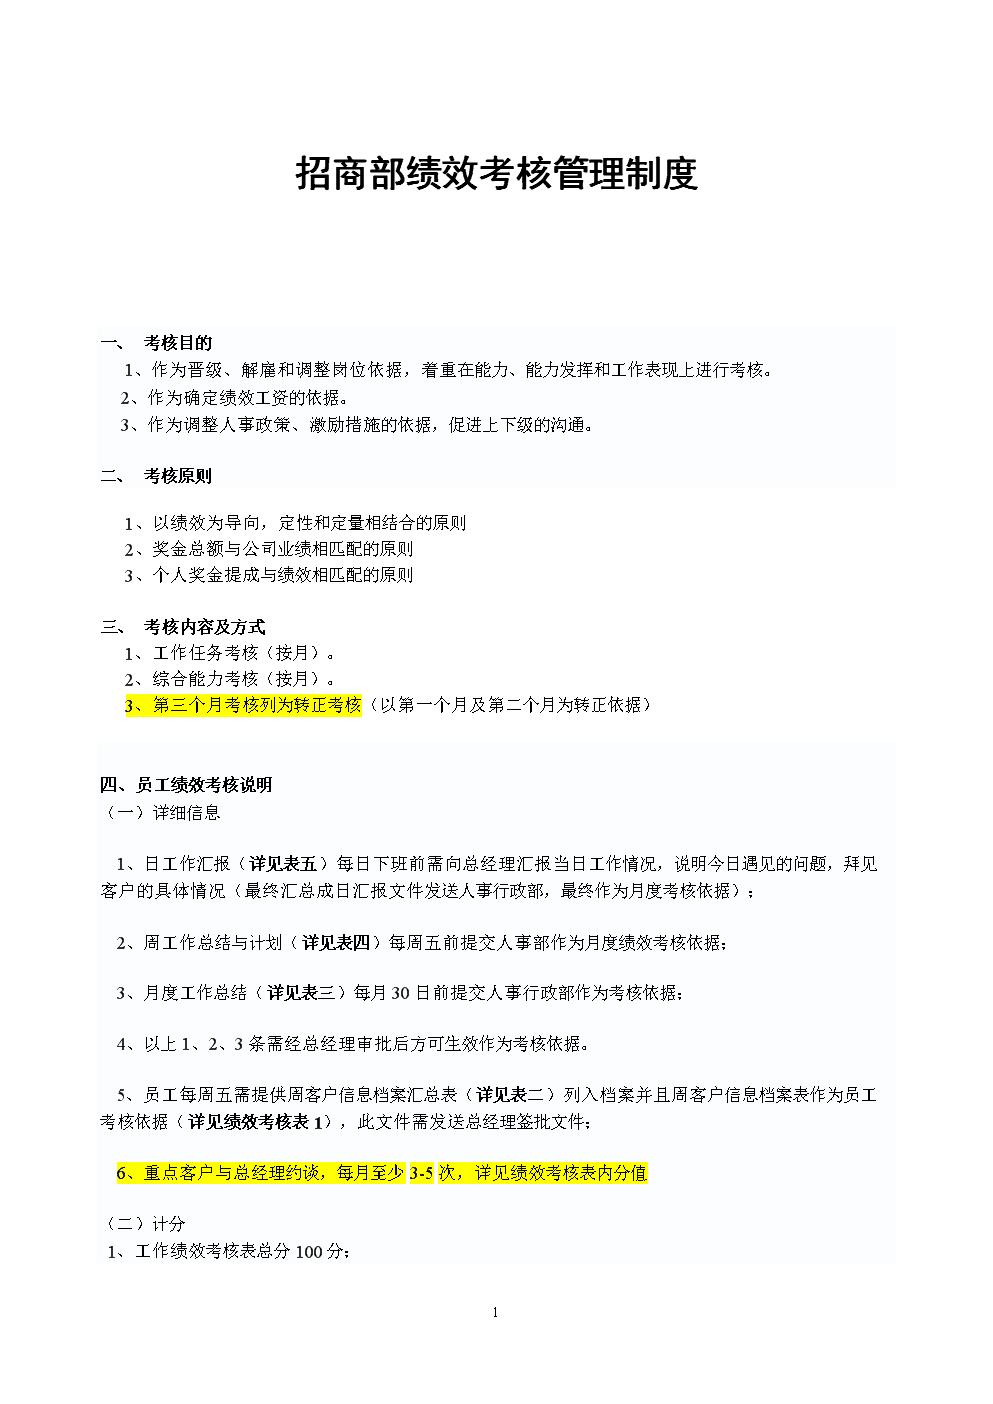 招商部绩效考核管理制度正式执行版.doc